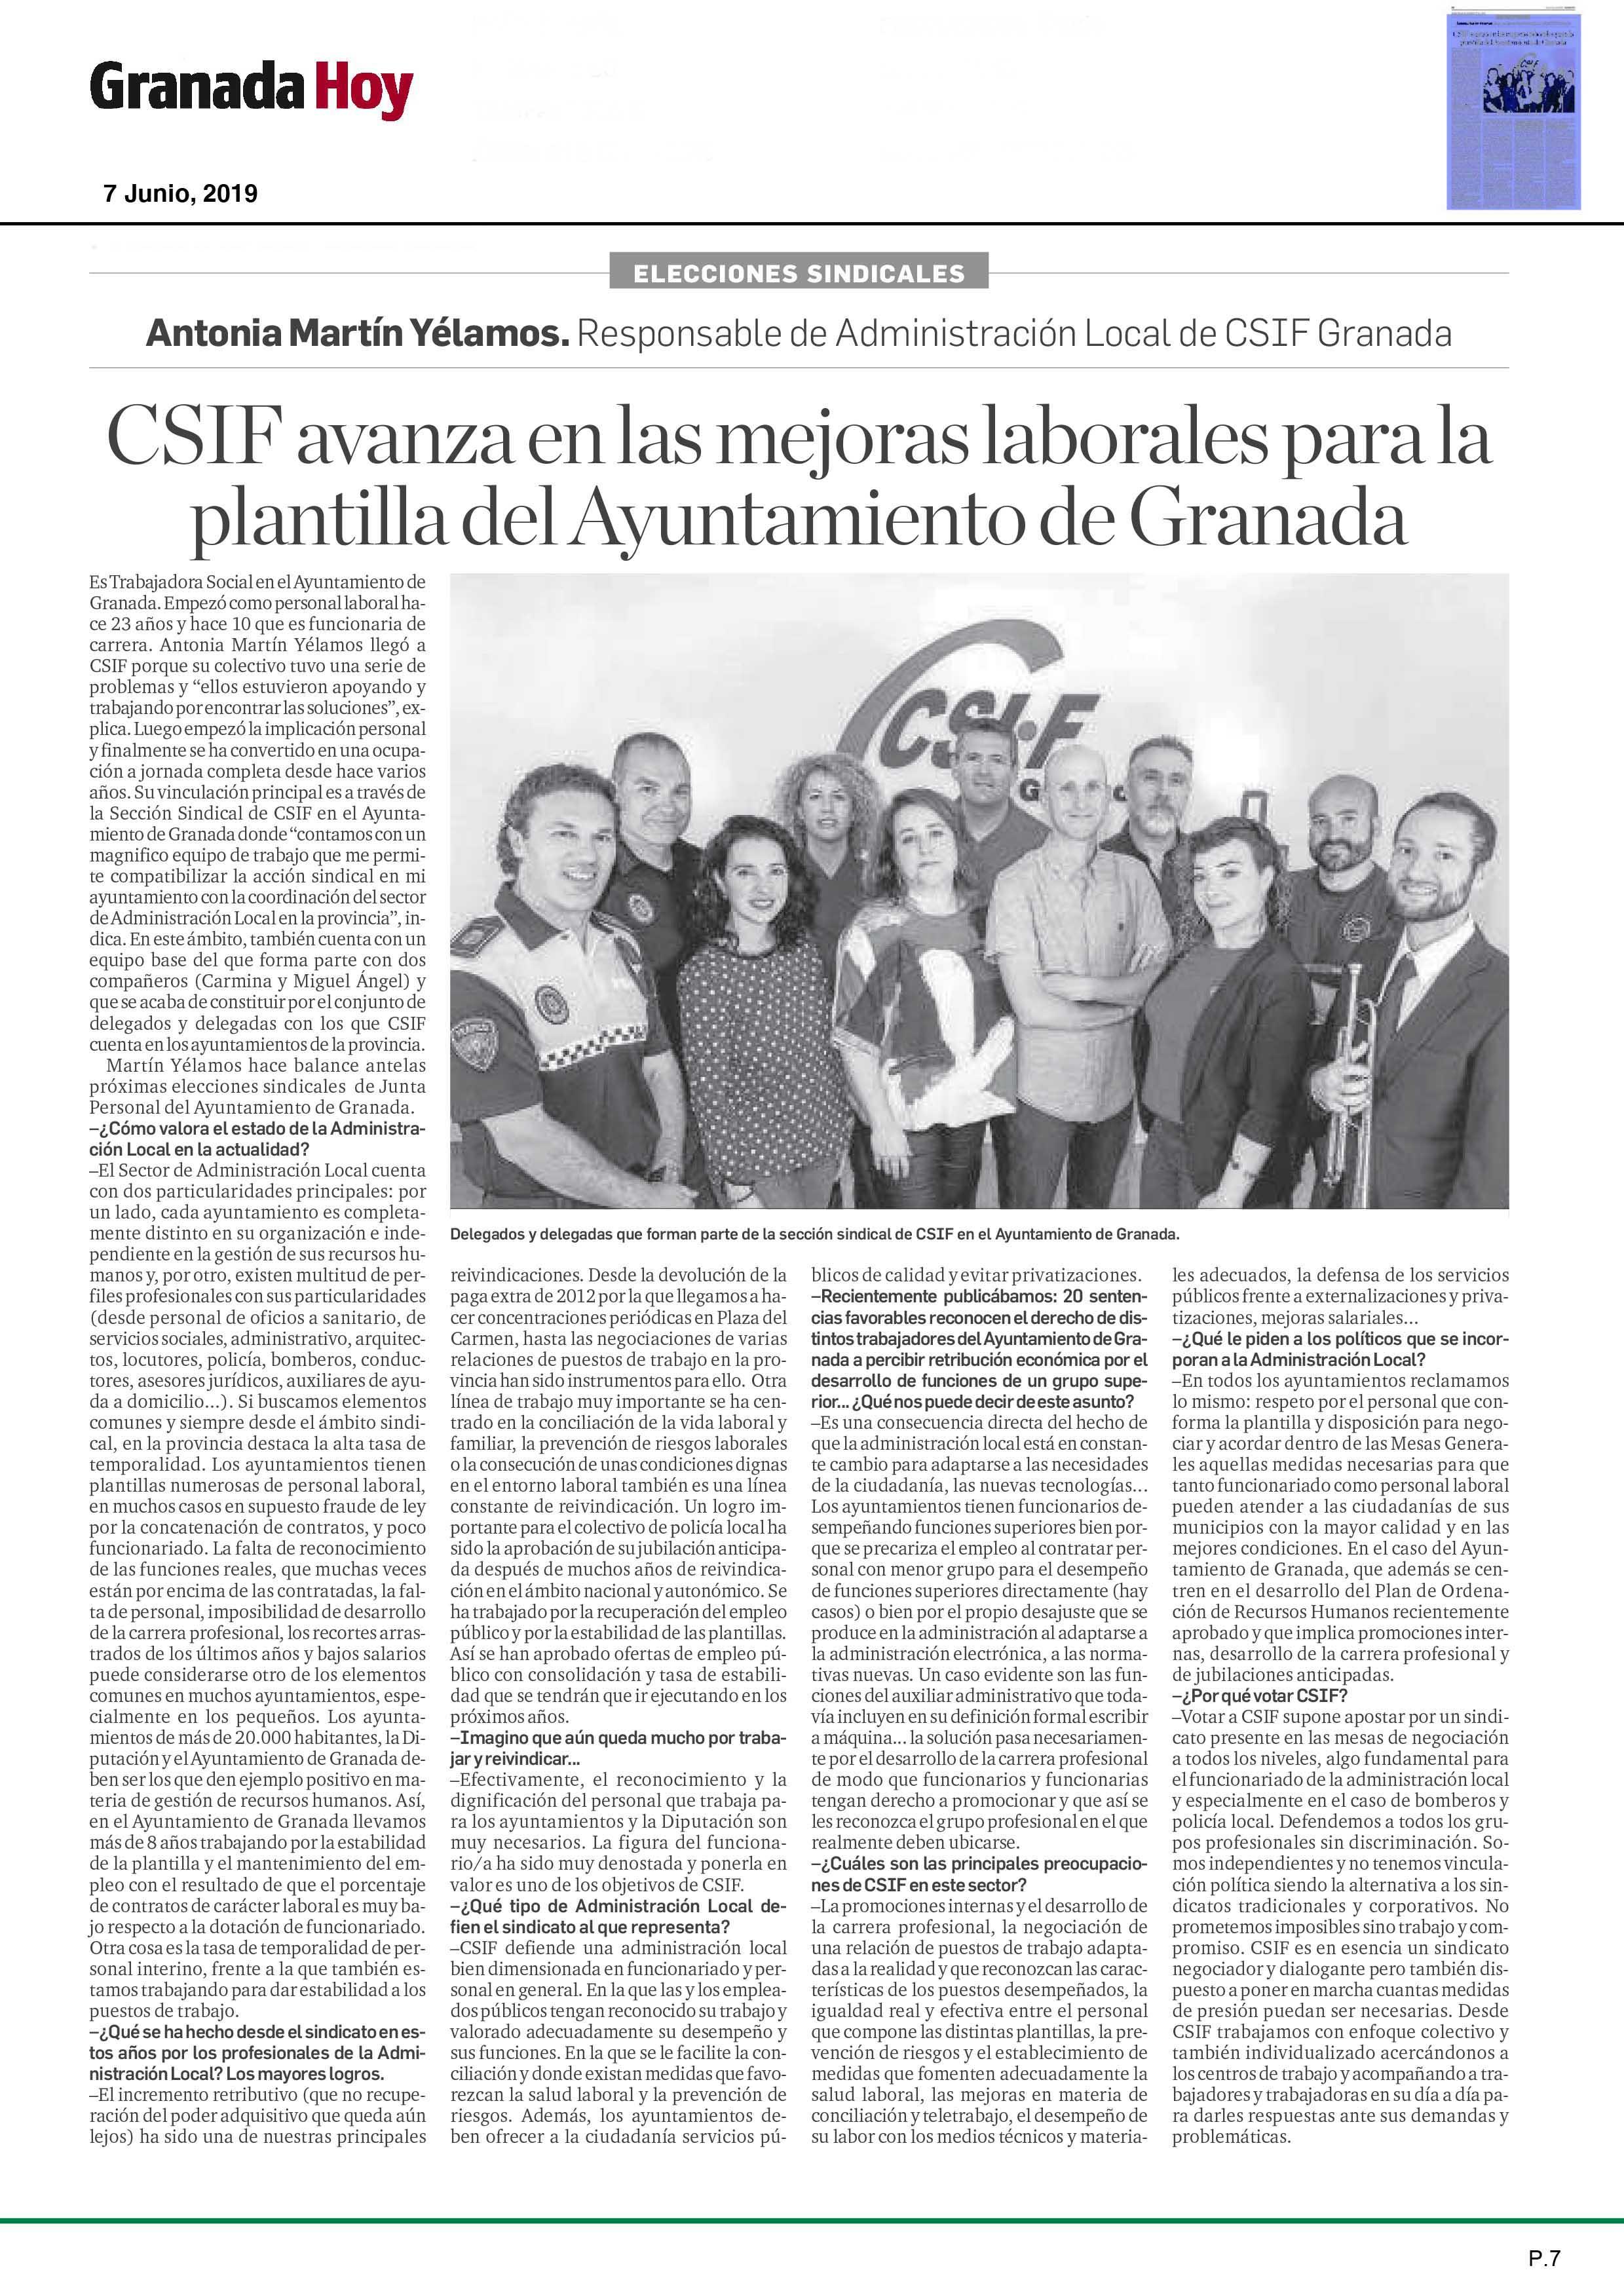 CSIF avanza en las mejoras laborales para la plantilla del Ayuntamiento de Granada